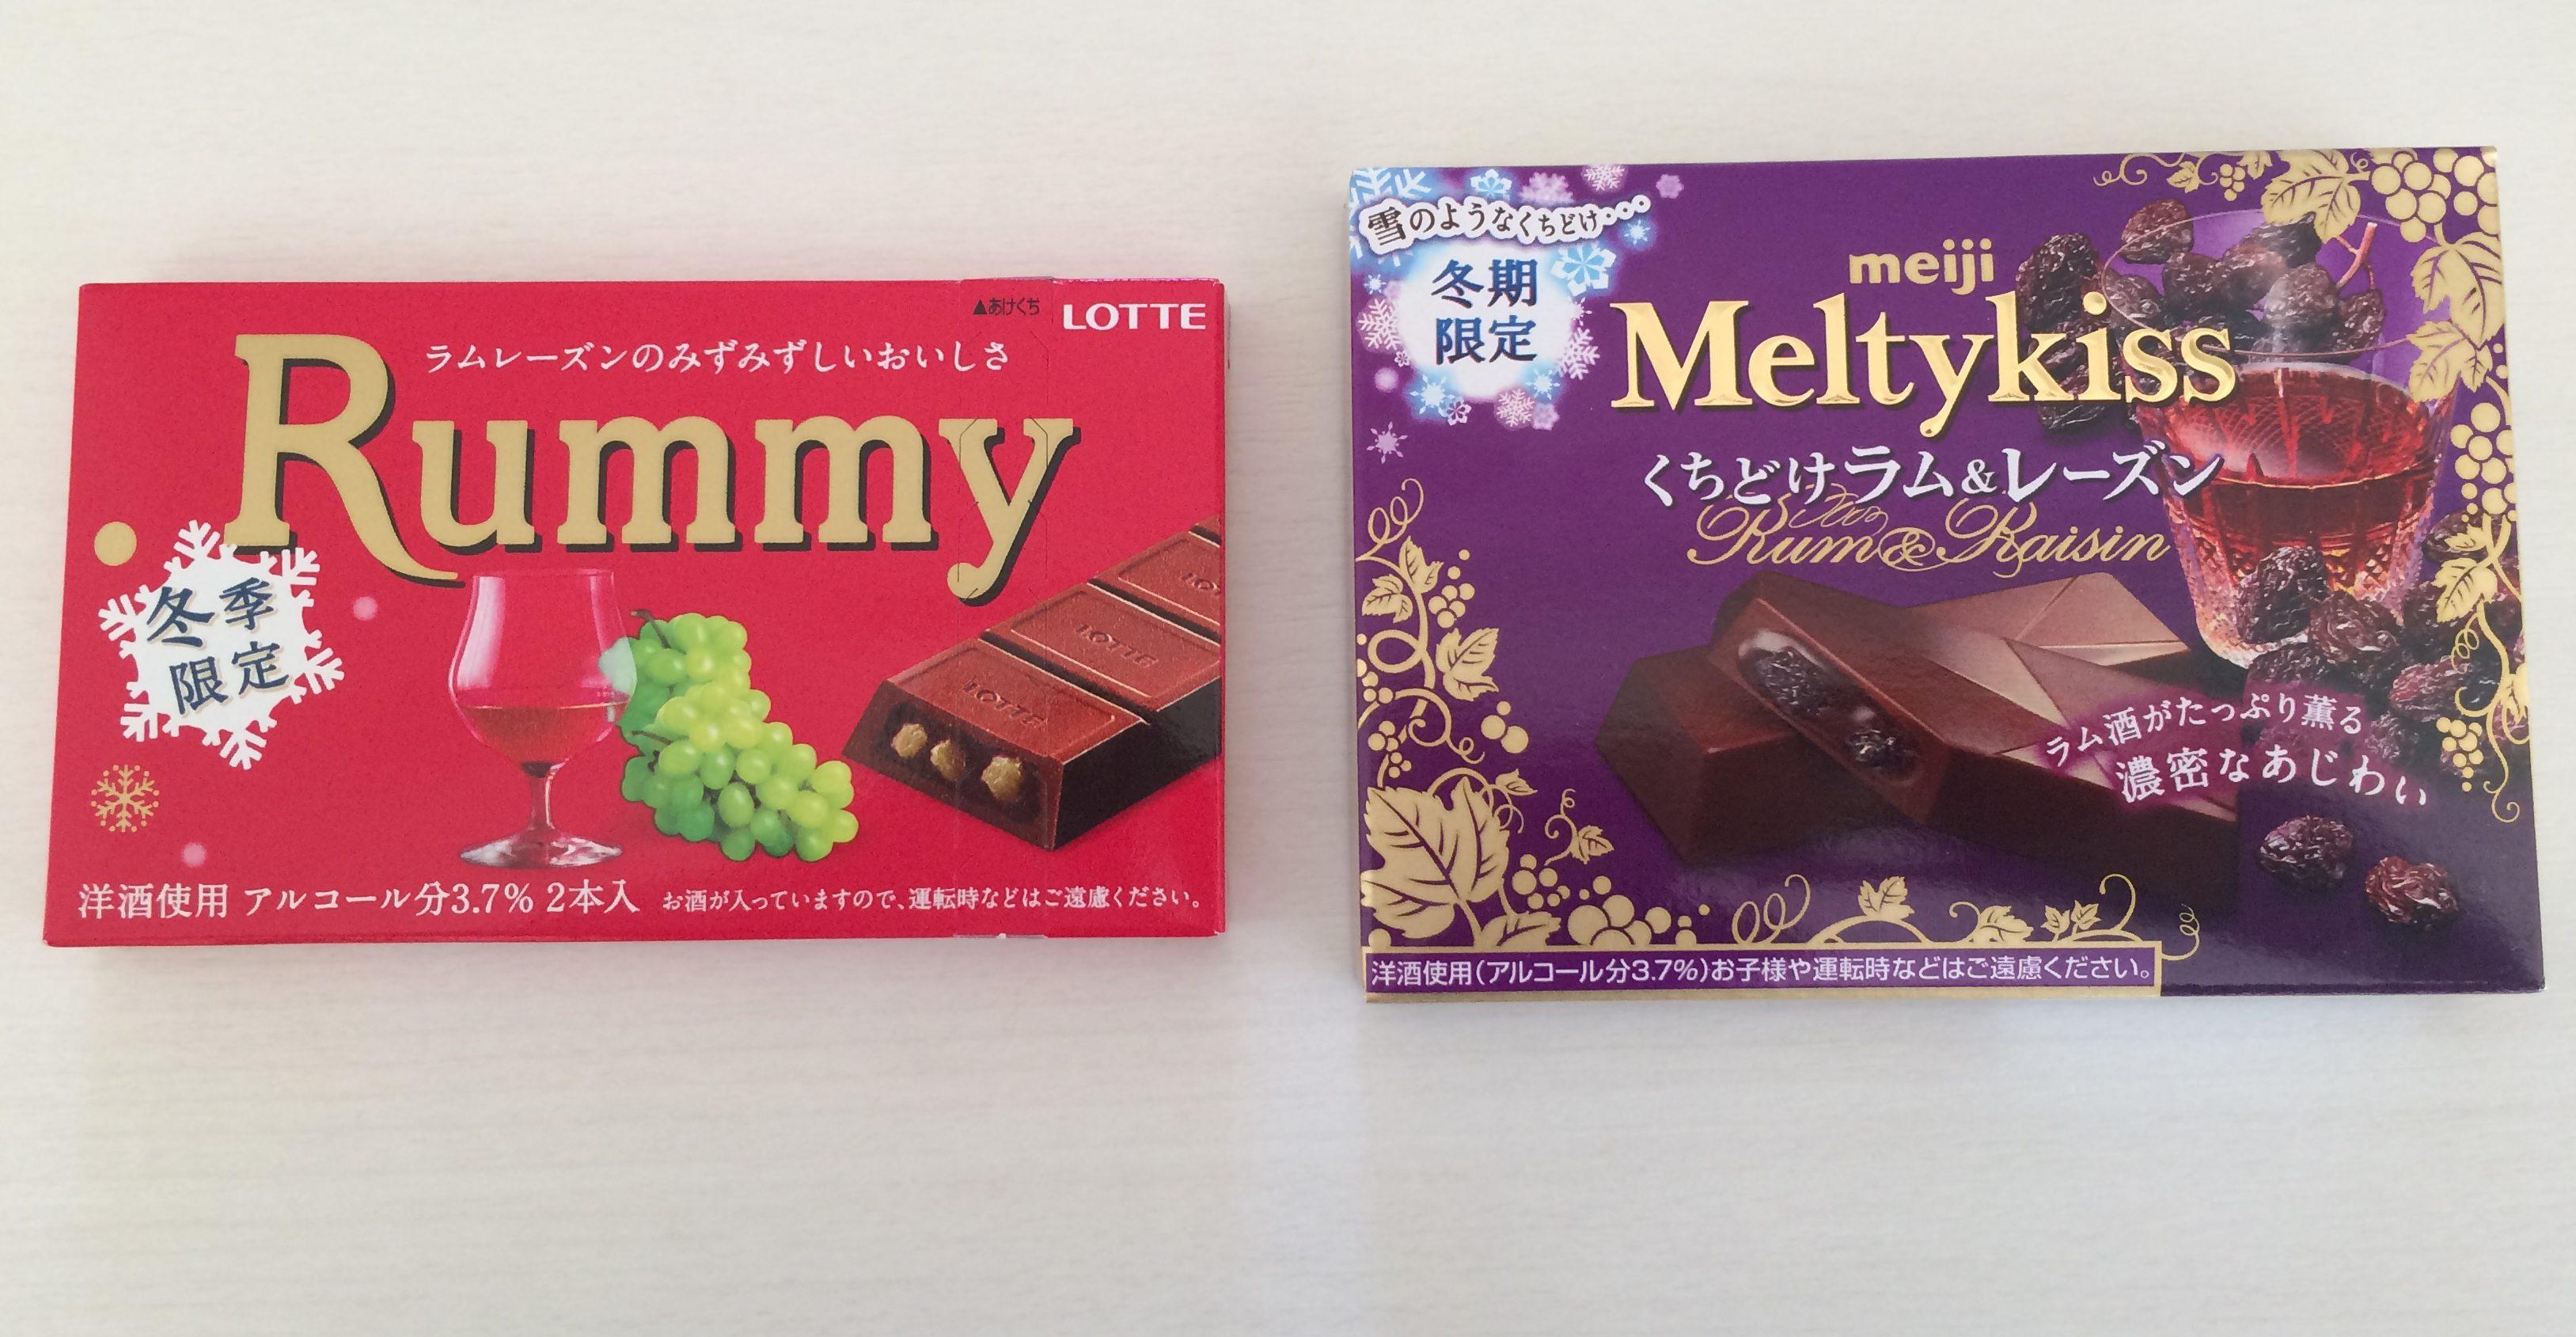 【ラムレーズンチョコレート食べ比べ】ラミー(ロッテ)vsメルティーキッスくちどけラム&レーズン(明治) 食べた感想